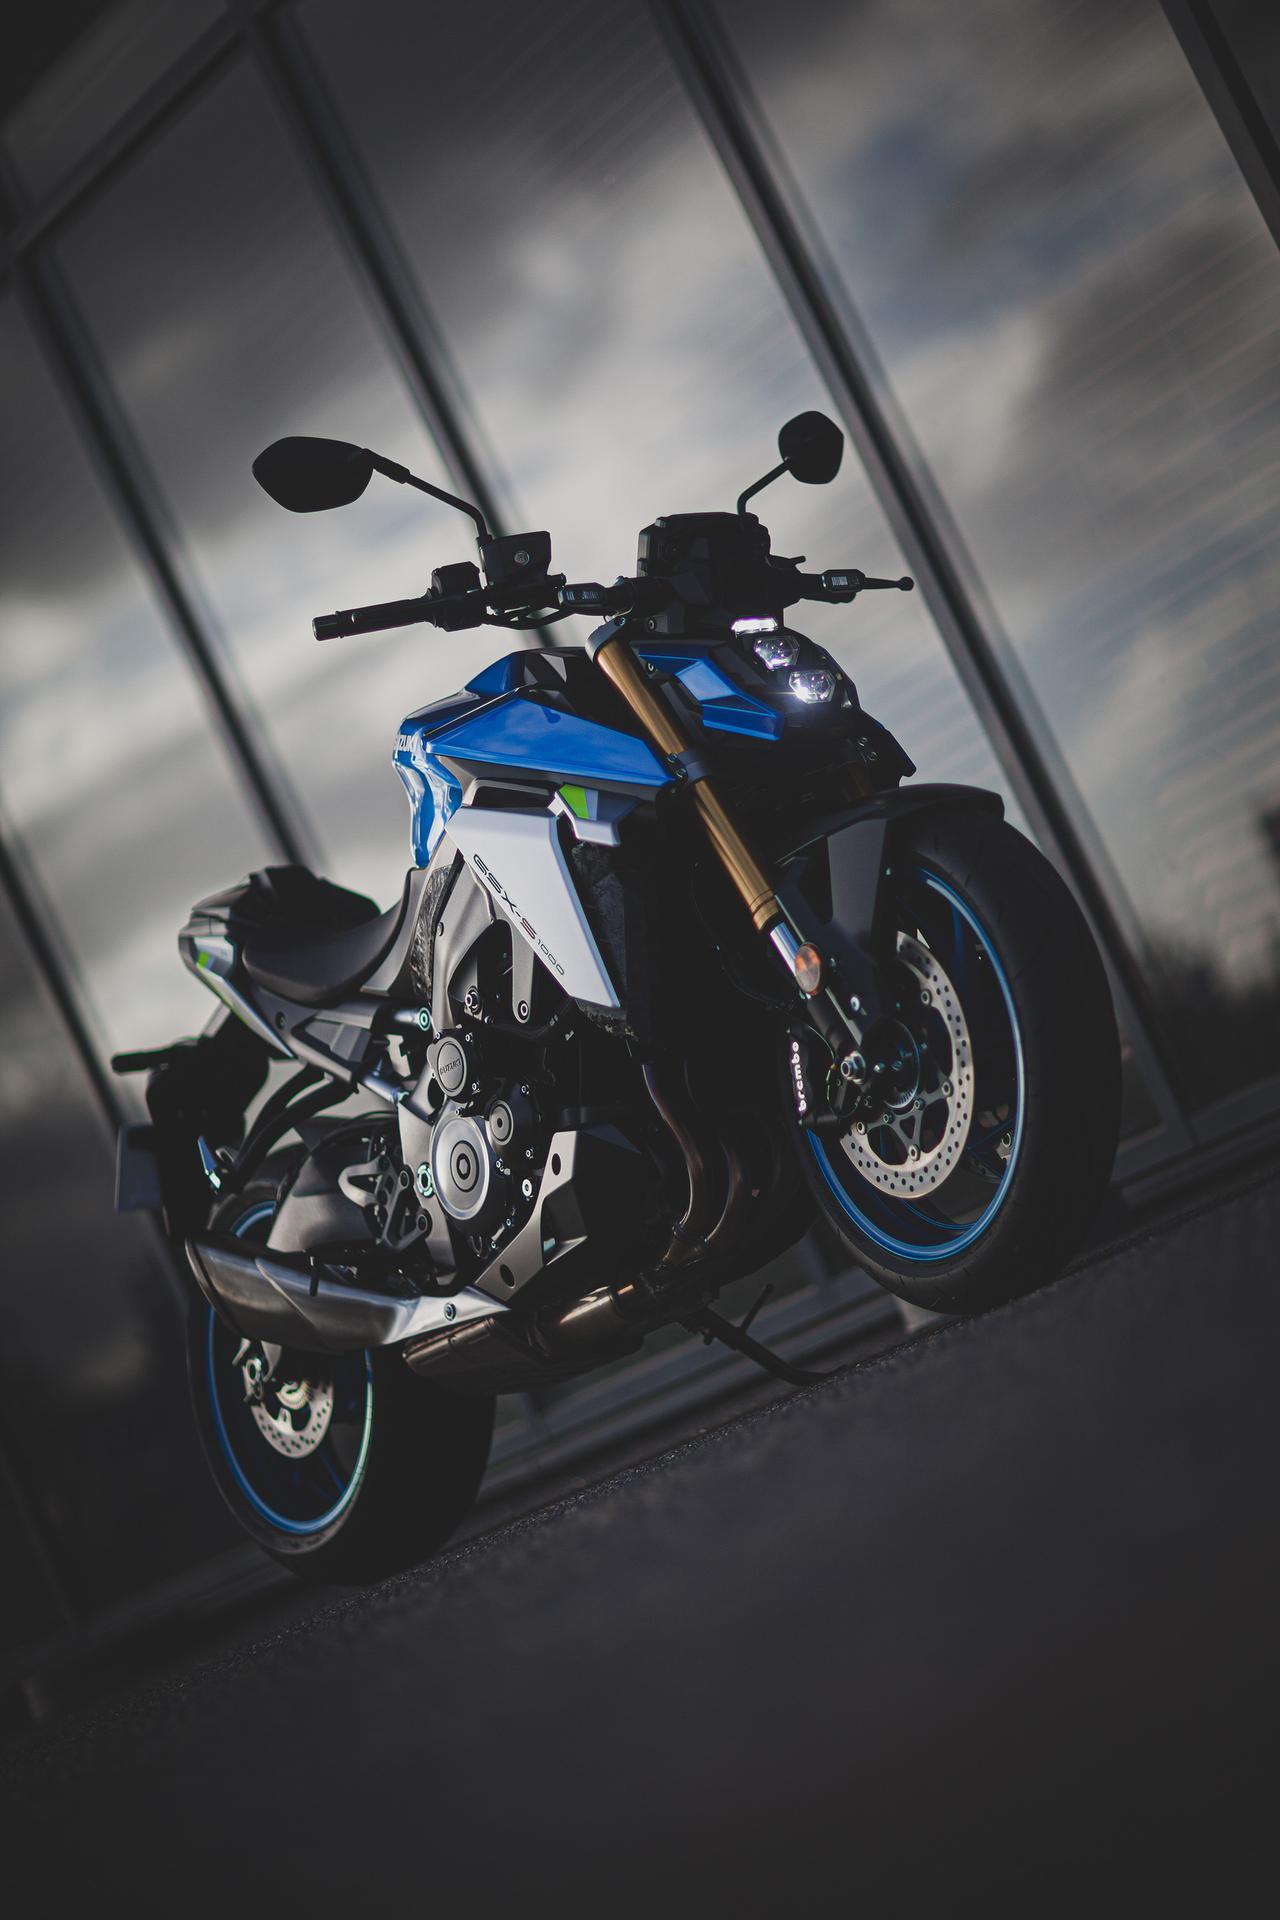 Images : 13番目の画像 - 「【写真55枚】スズキ新型『GSX-S1000』全部見せます! とにかく写真をたくさん見たい人はこちら!【SUZUKI GSX-S1000(2021)/写真アルバム編】」のアルバム - スズキのバイク!- 新車情報や最新ニュースをお届けします